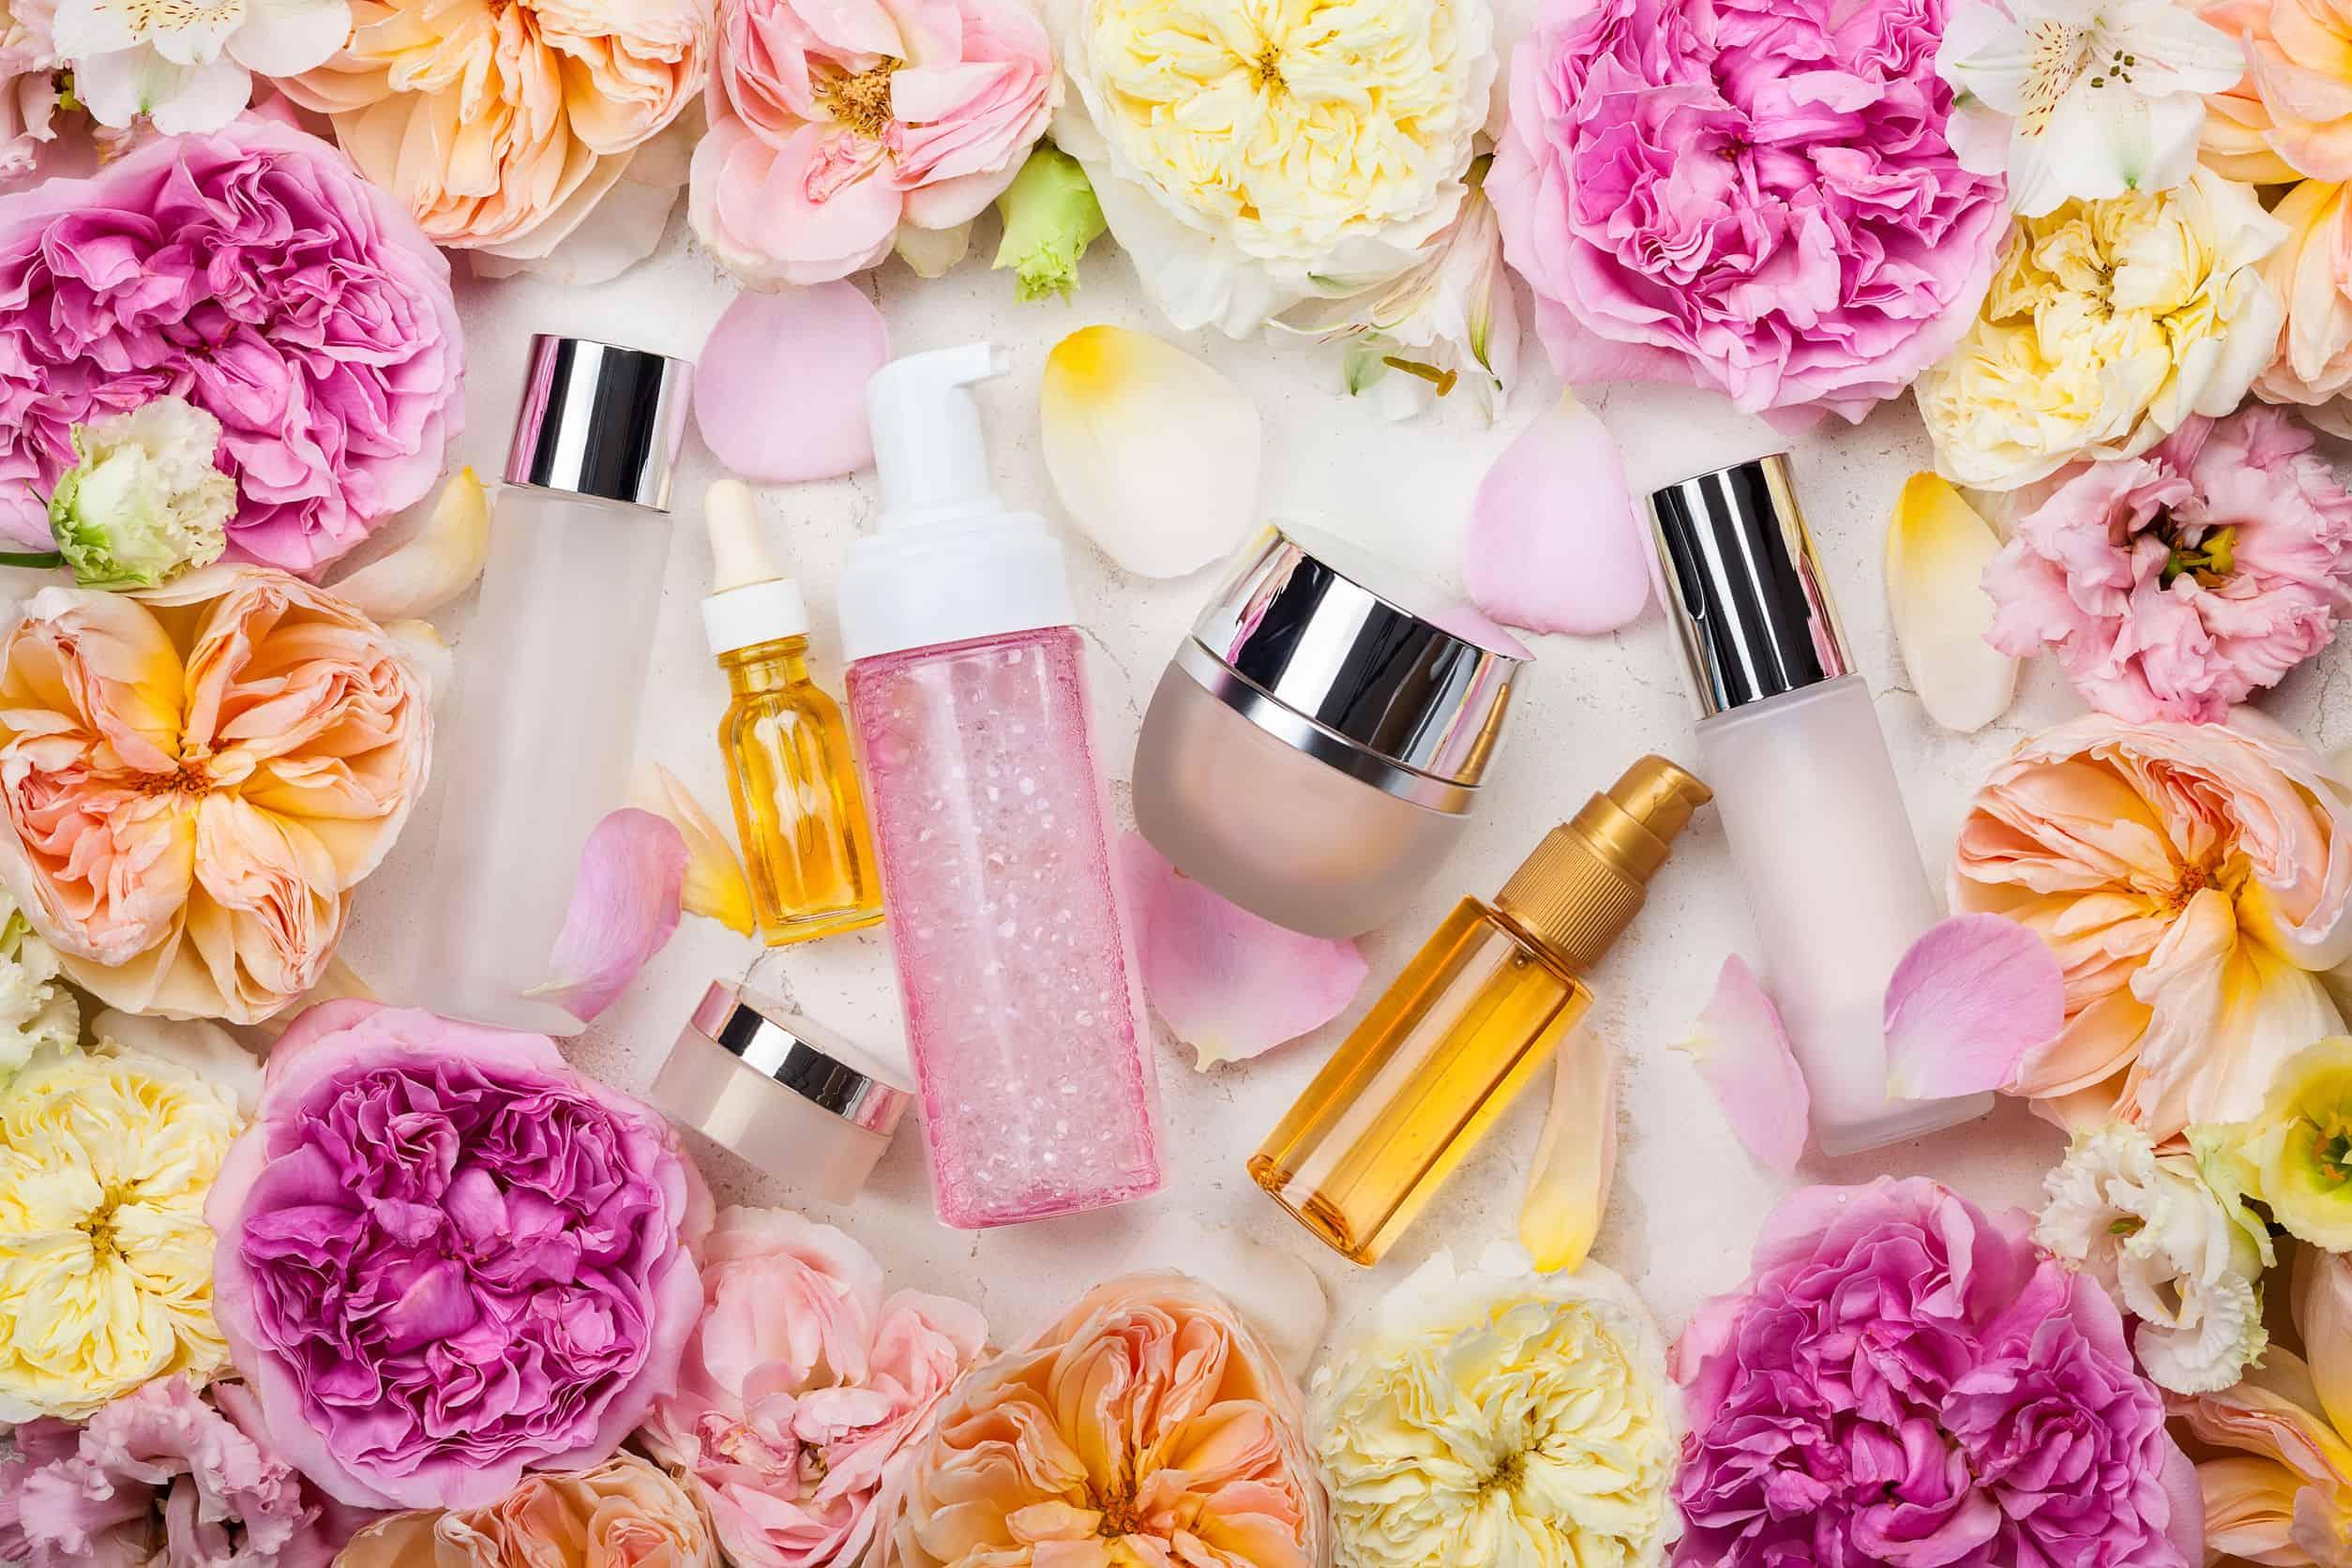 Imagem de desodorantes íntimos cercados de flores.